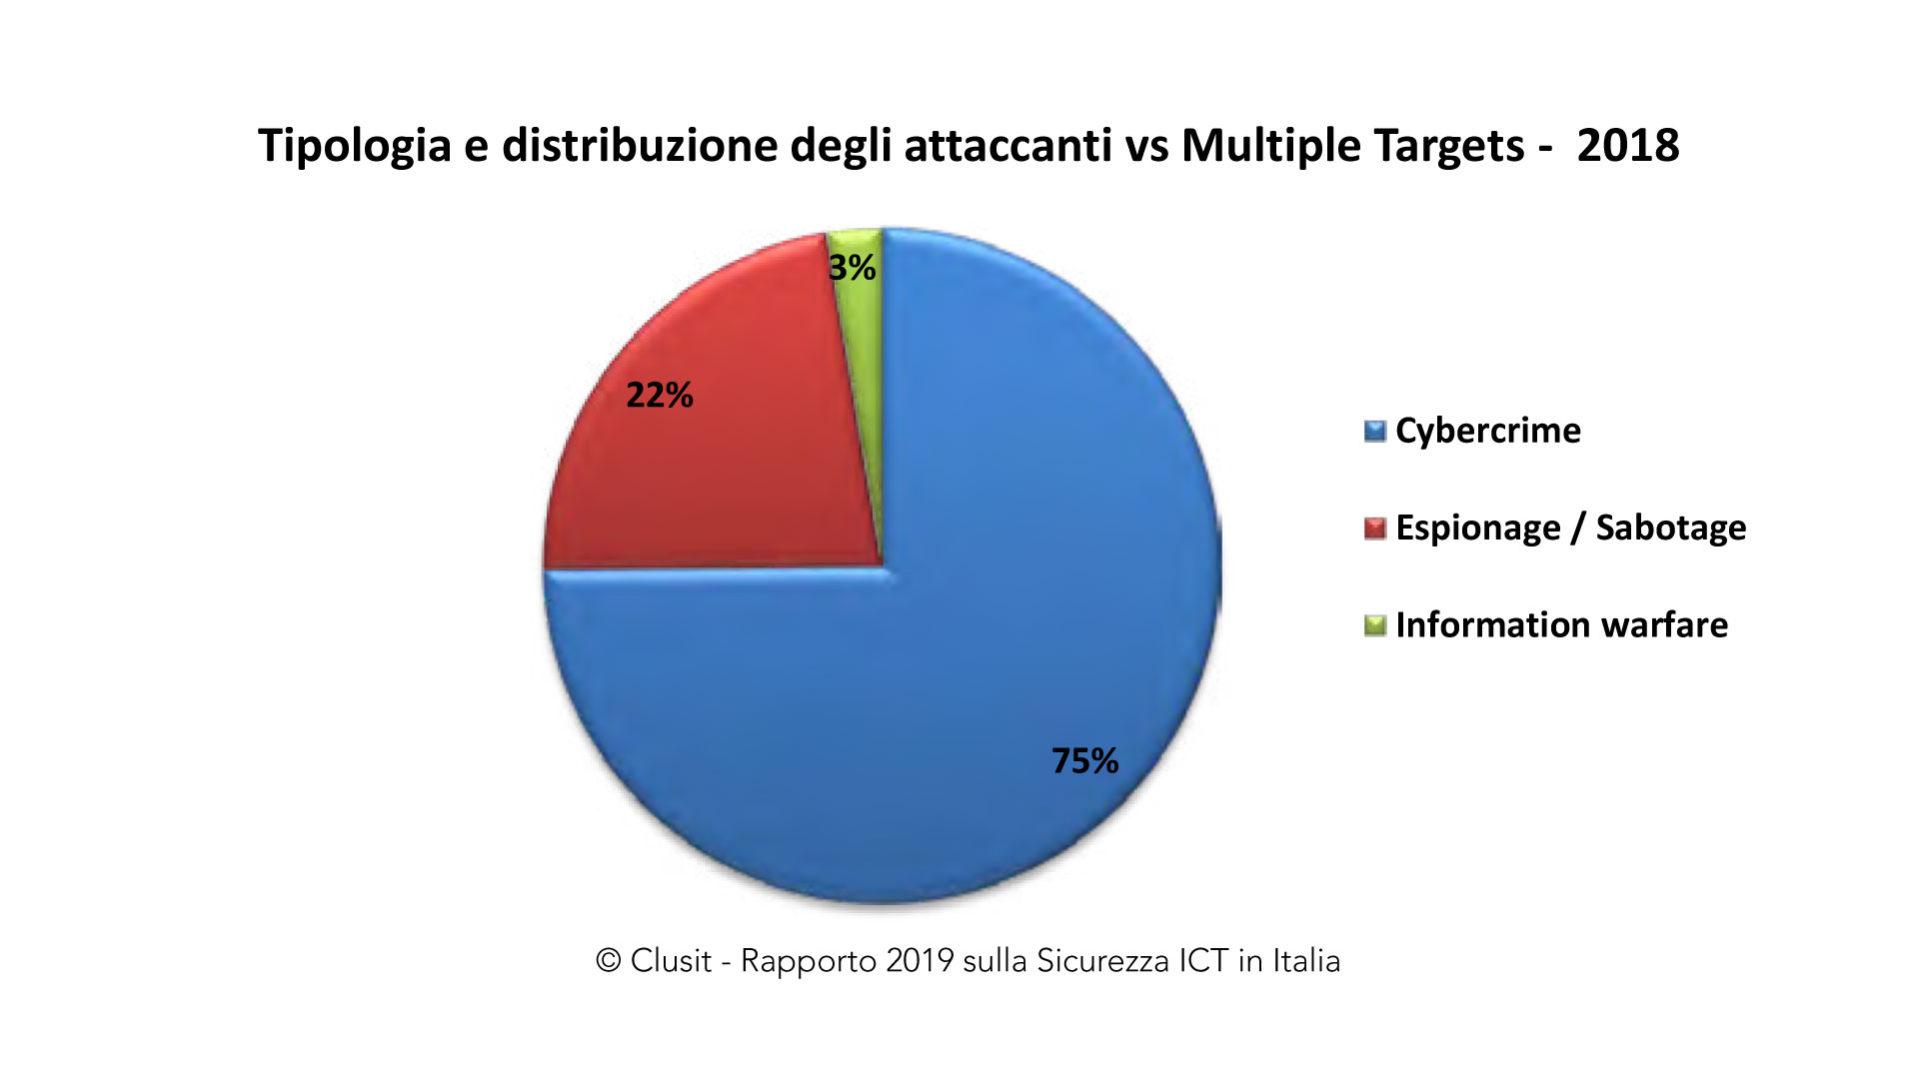 grafico che mostra la Tipologia e distribuzione degli attaccanti vs Multiple Targets nel 2018